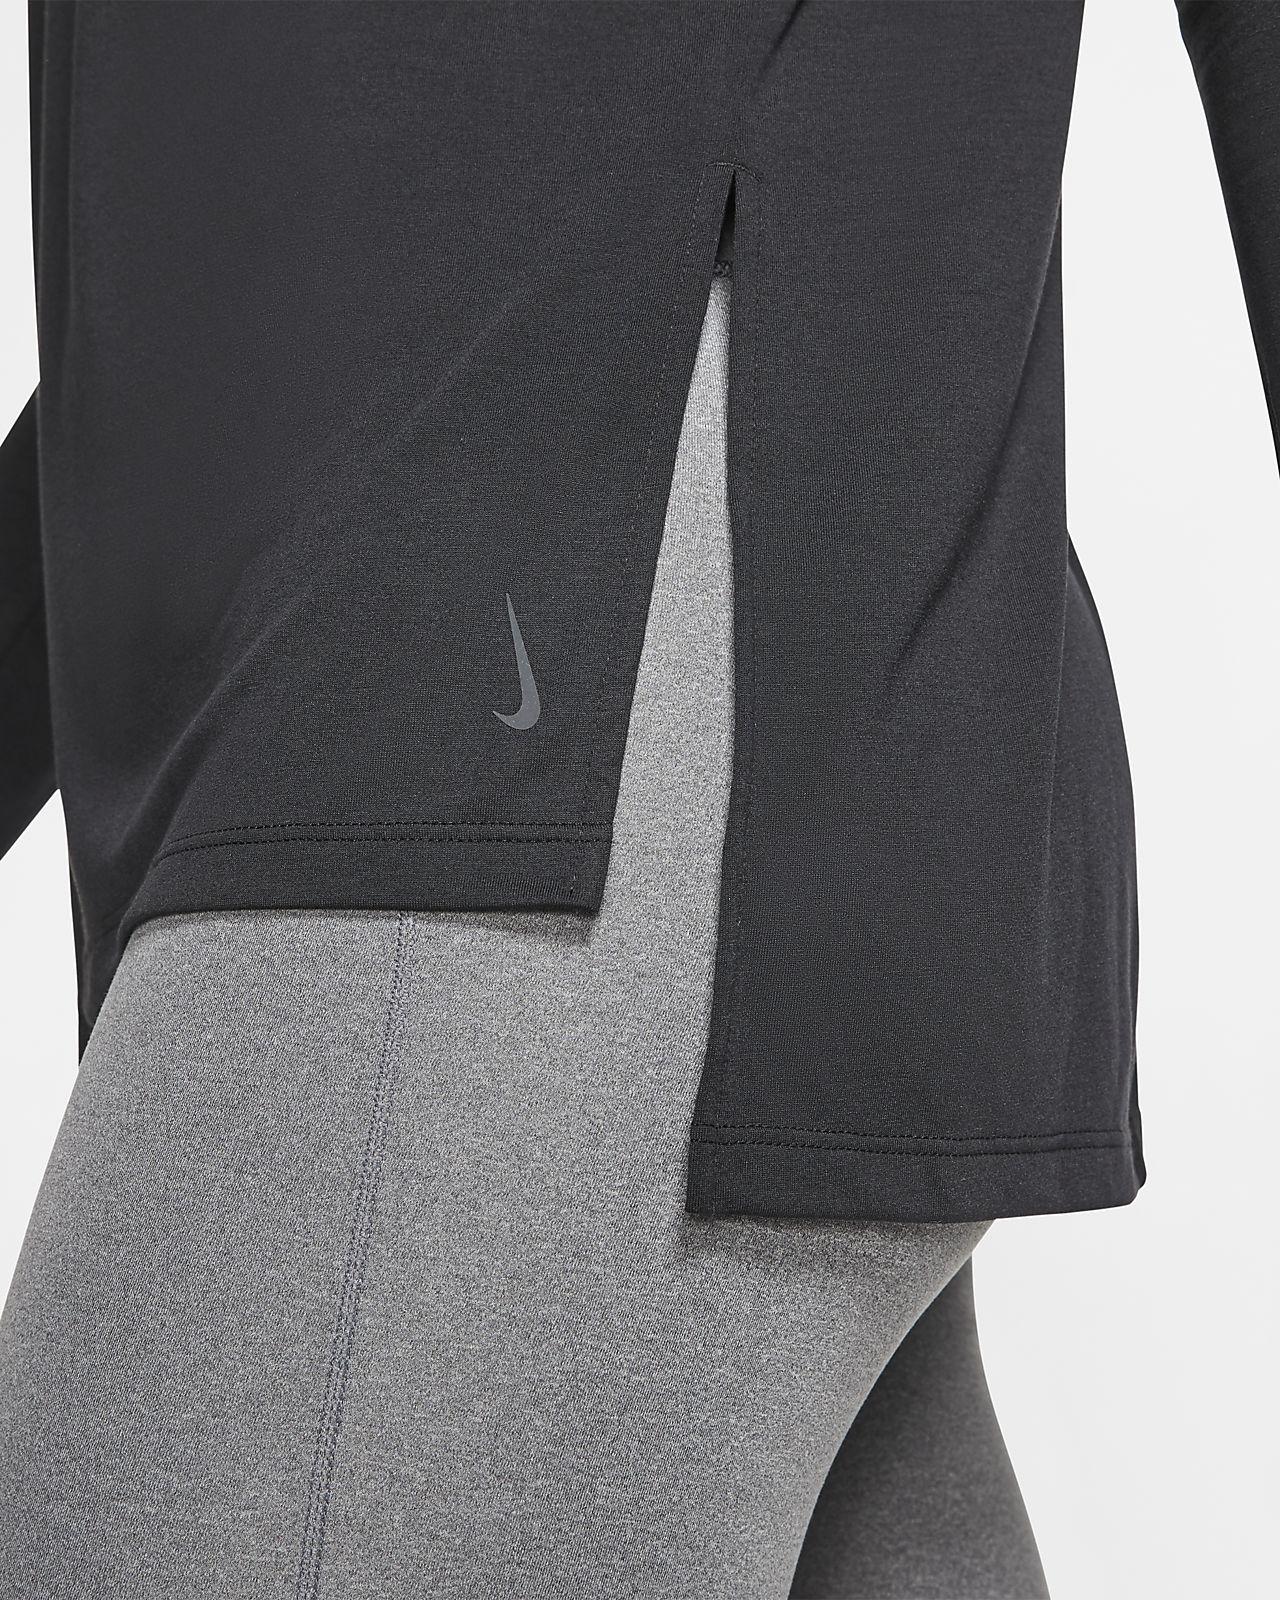 Camisola de treino de manga comprida Nike Dri FIT Yoga para mulher